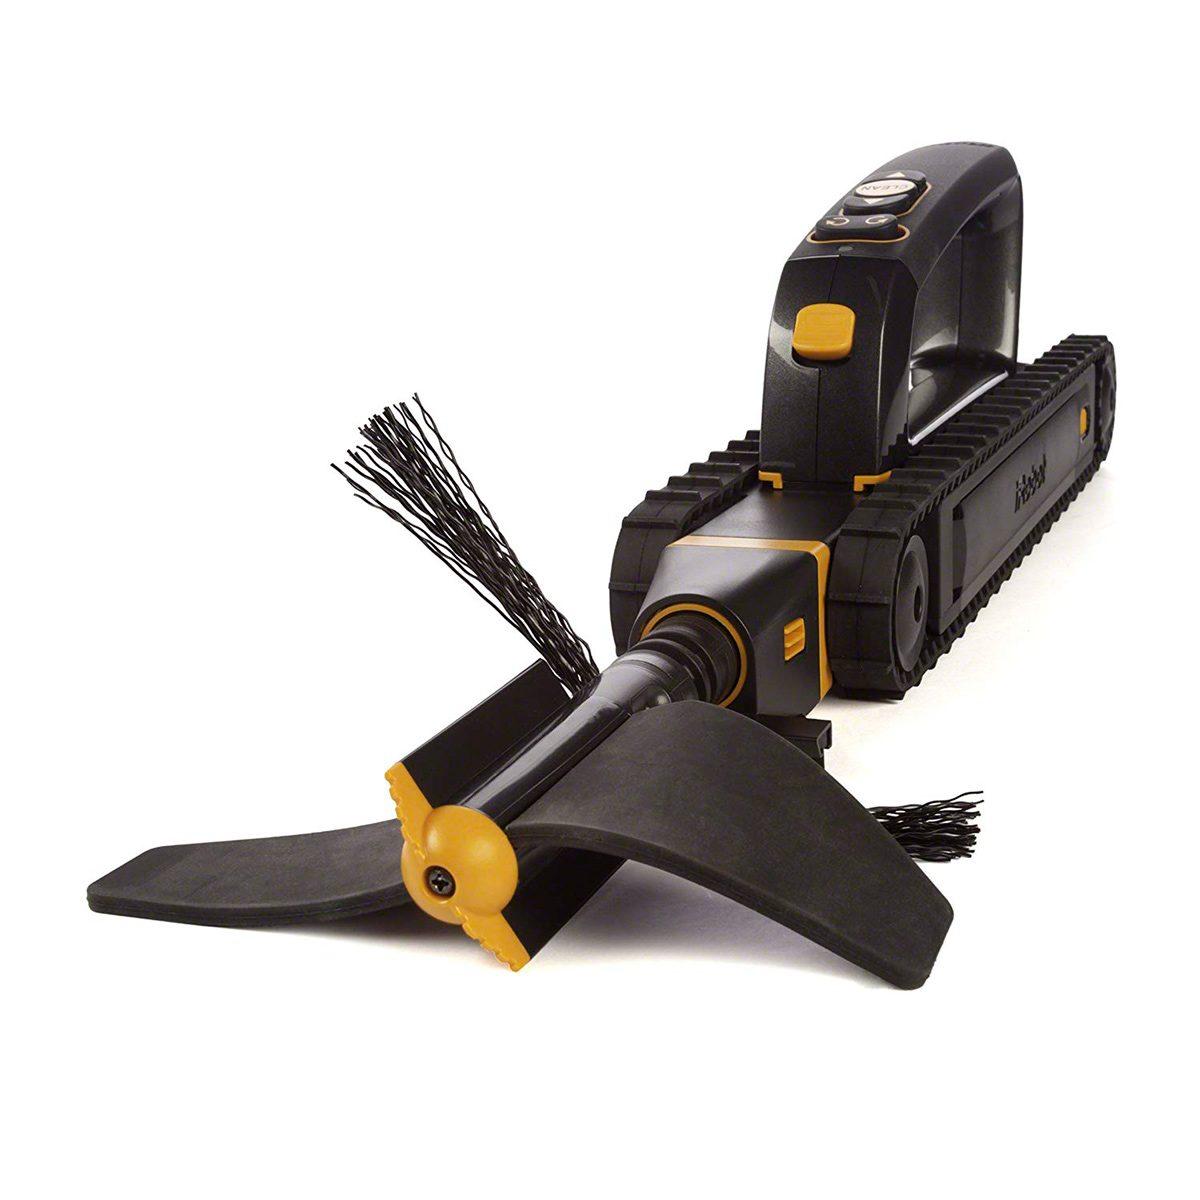 gutter cleaning robot